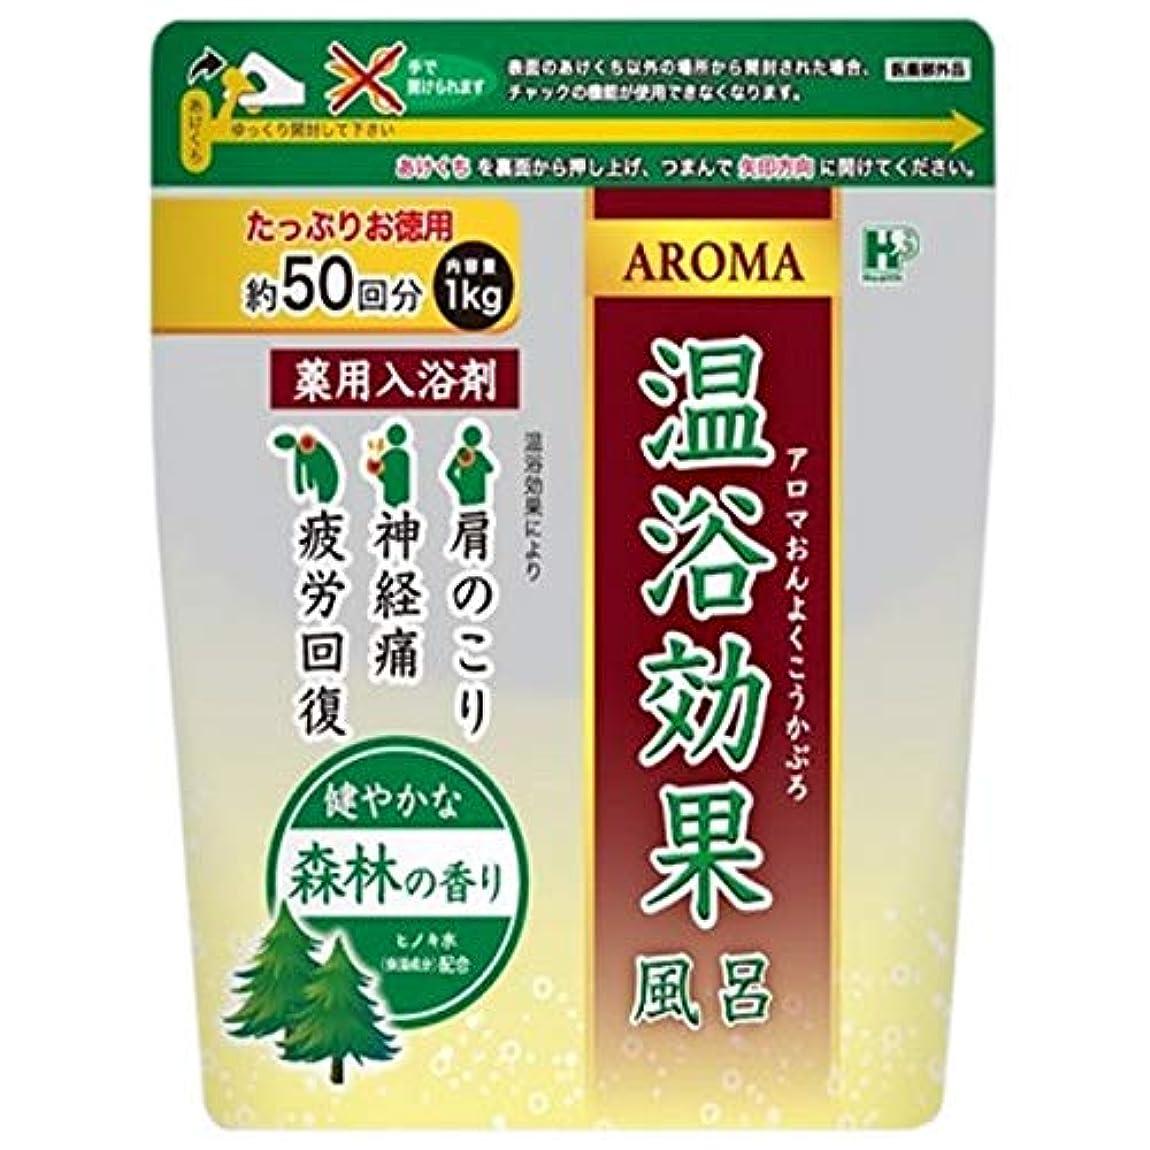 対抗息子ひどく薬用入浴剤 アロマ温浴効果風呂 森林 1kg×10袋入